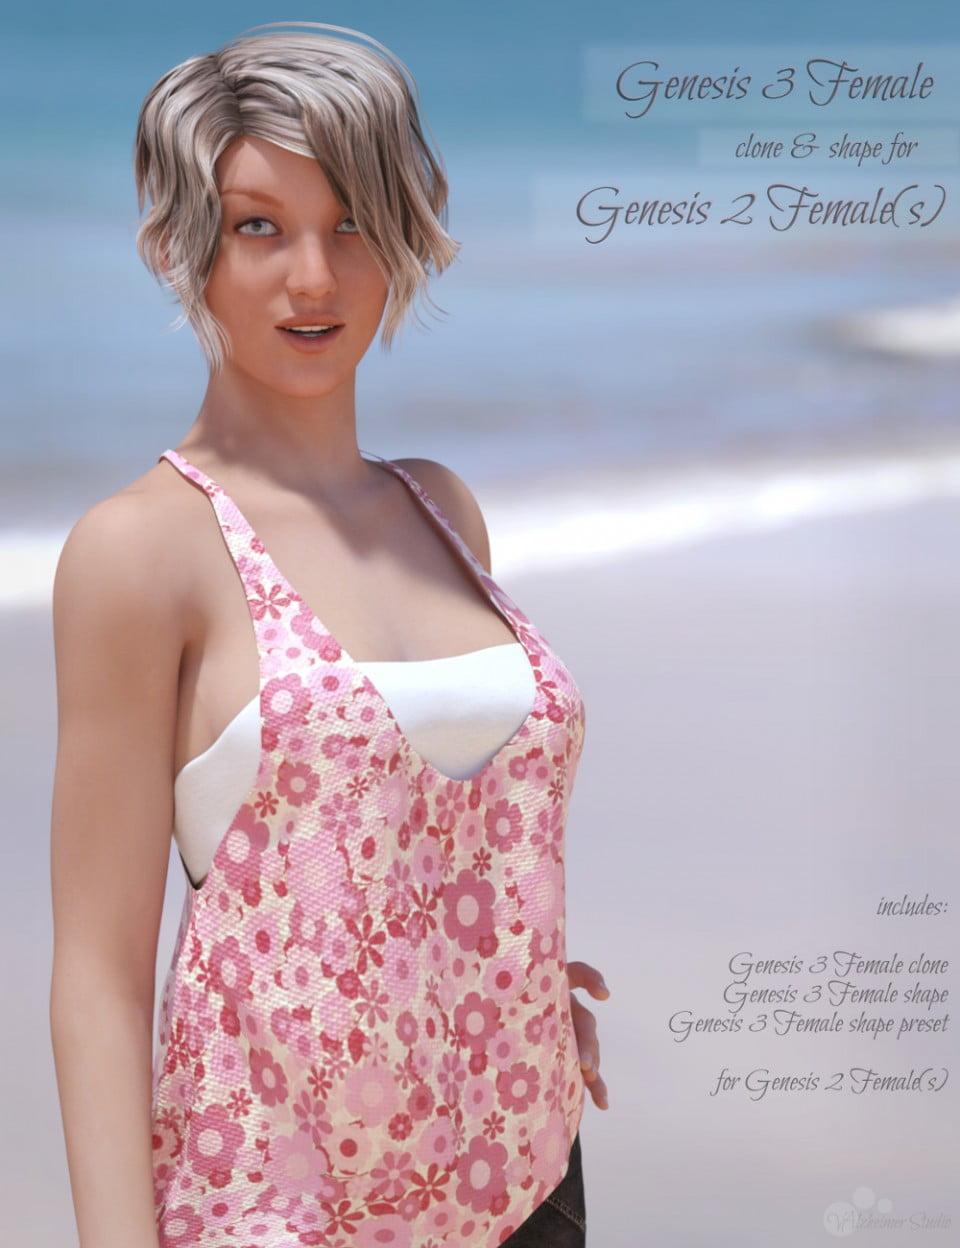 Genesis 3 Female for Genesis 2 Female(s)